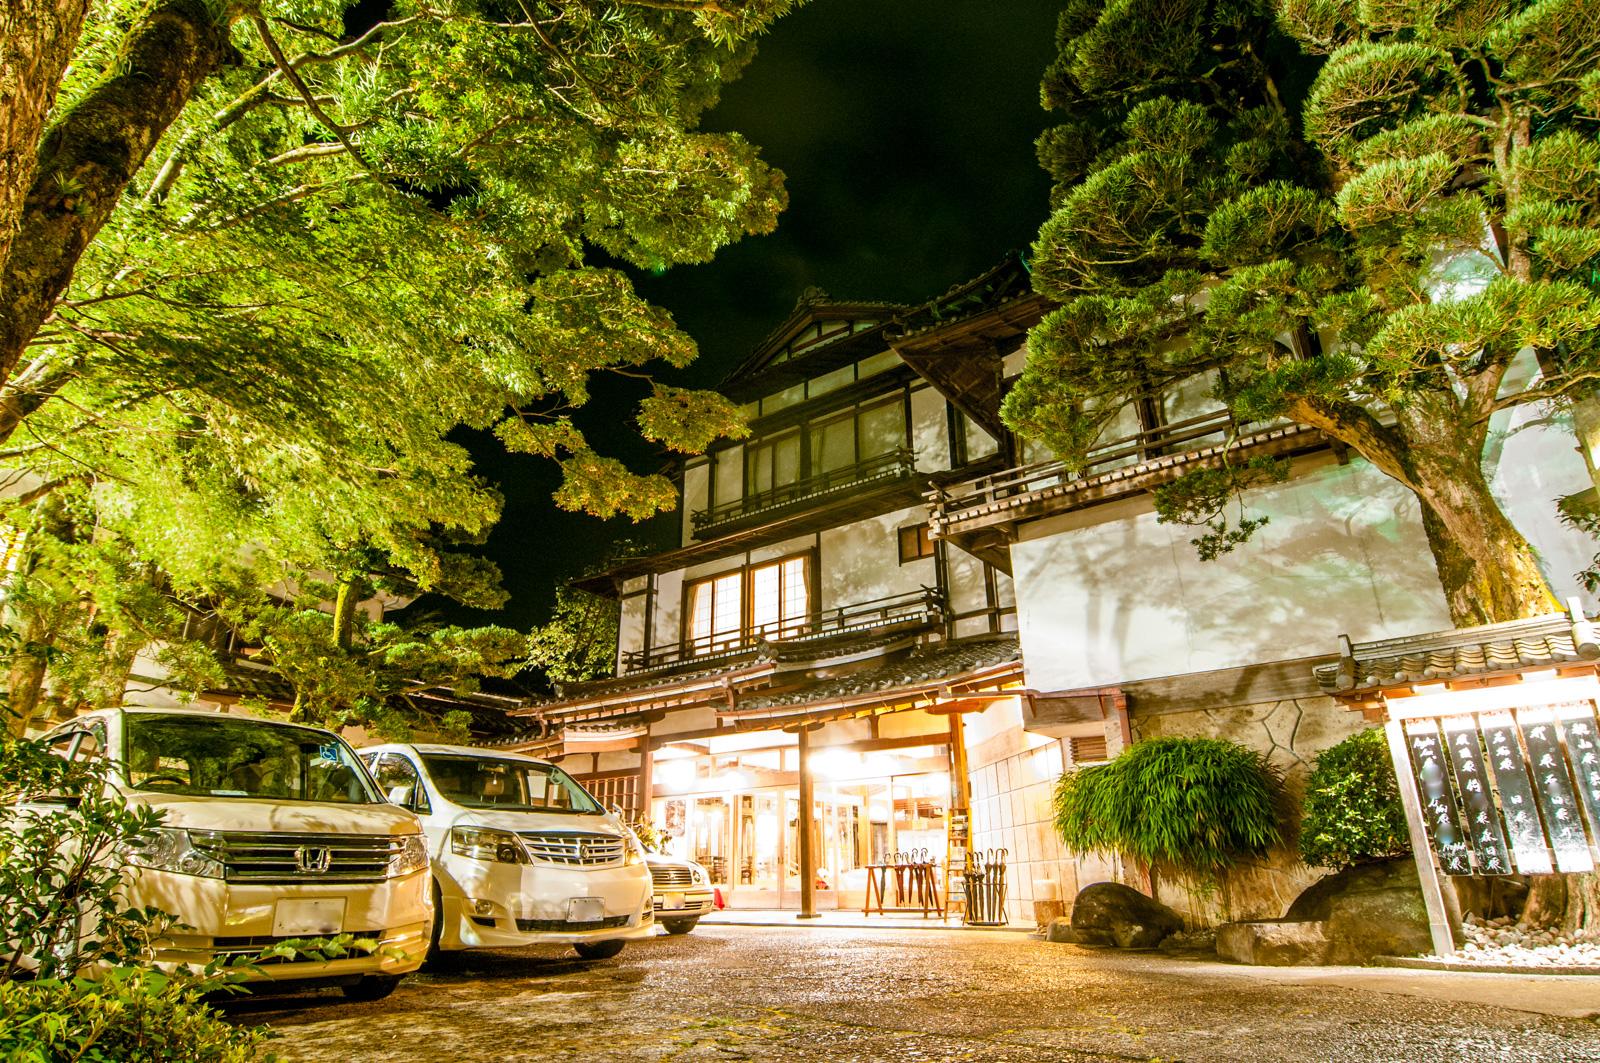 文化財の宿、伊豆は修善寺にある新井旅館を訪ねて